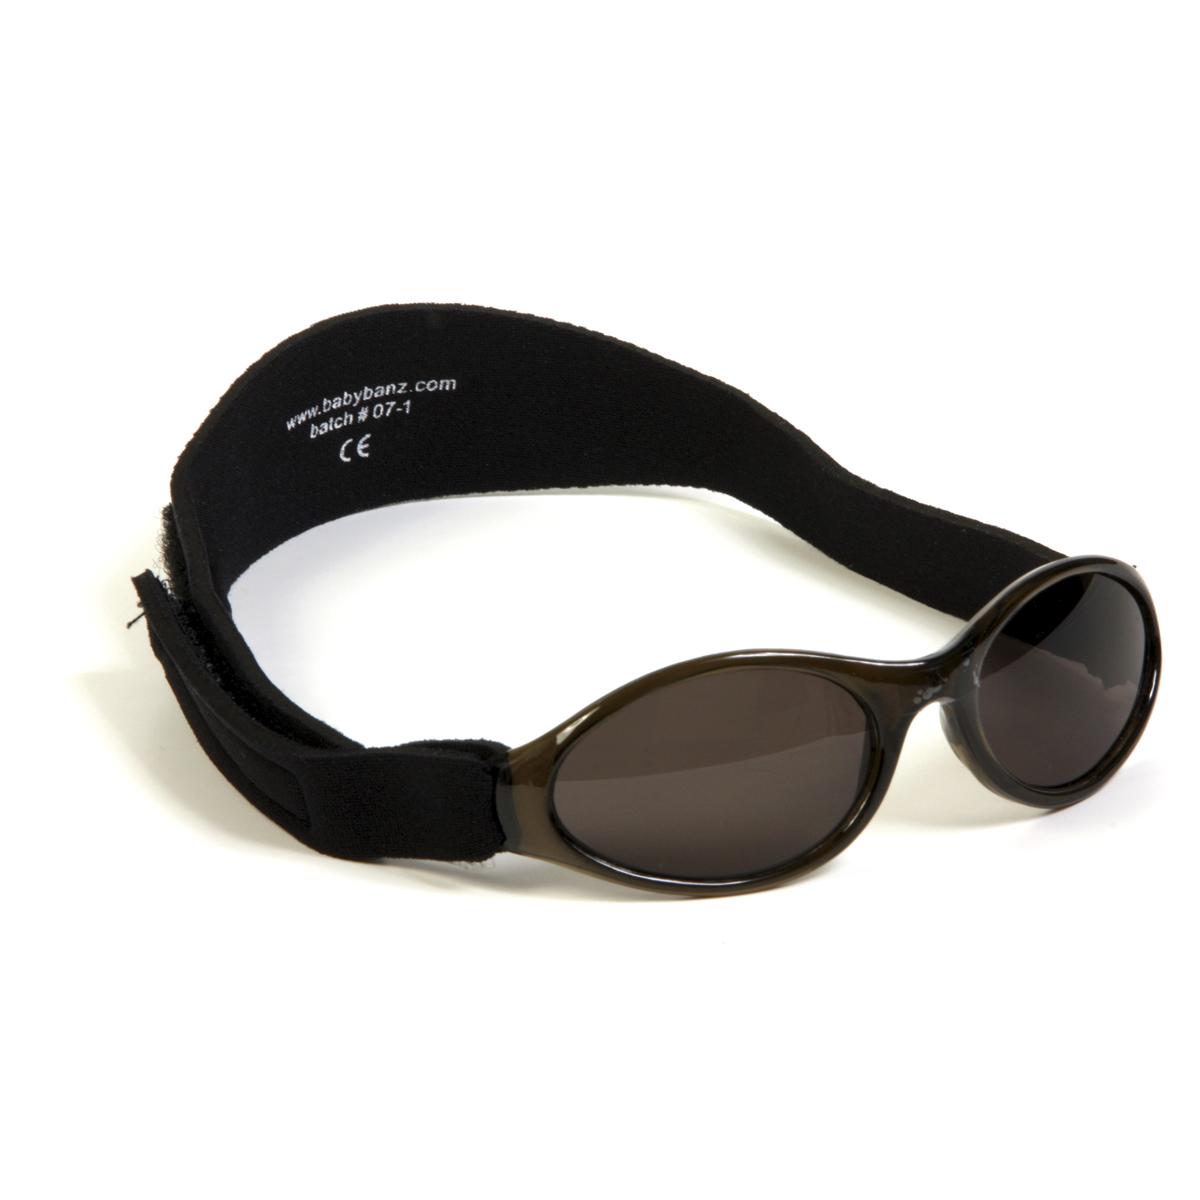 baby banz sonnenbrille adventure schwarz 0 2 jahre. Black Bedroom Furniture Sets. Home Design Ideas